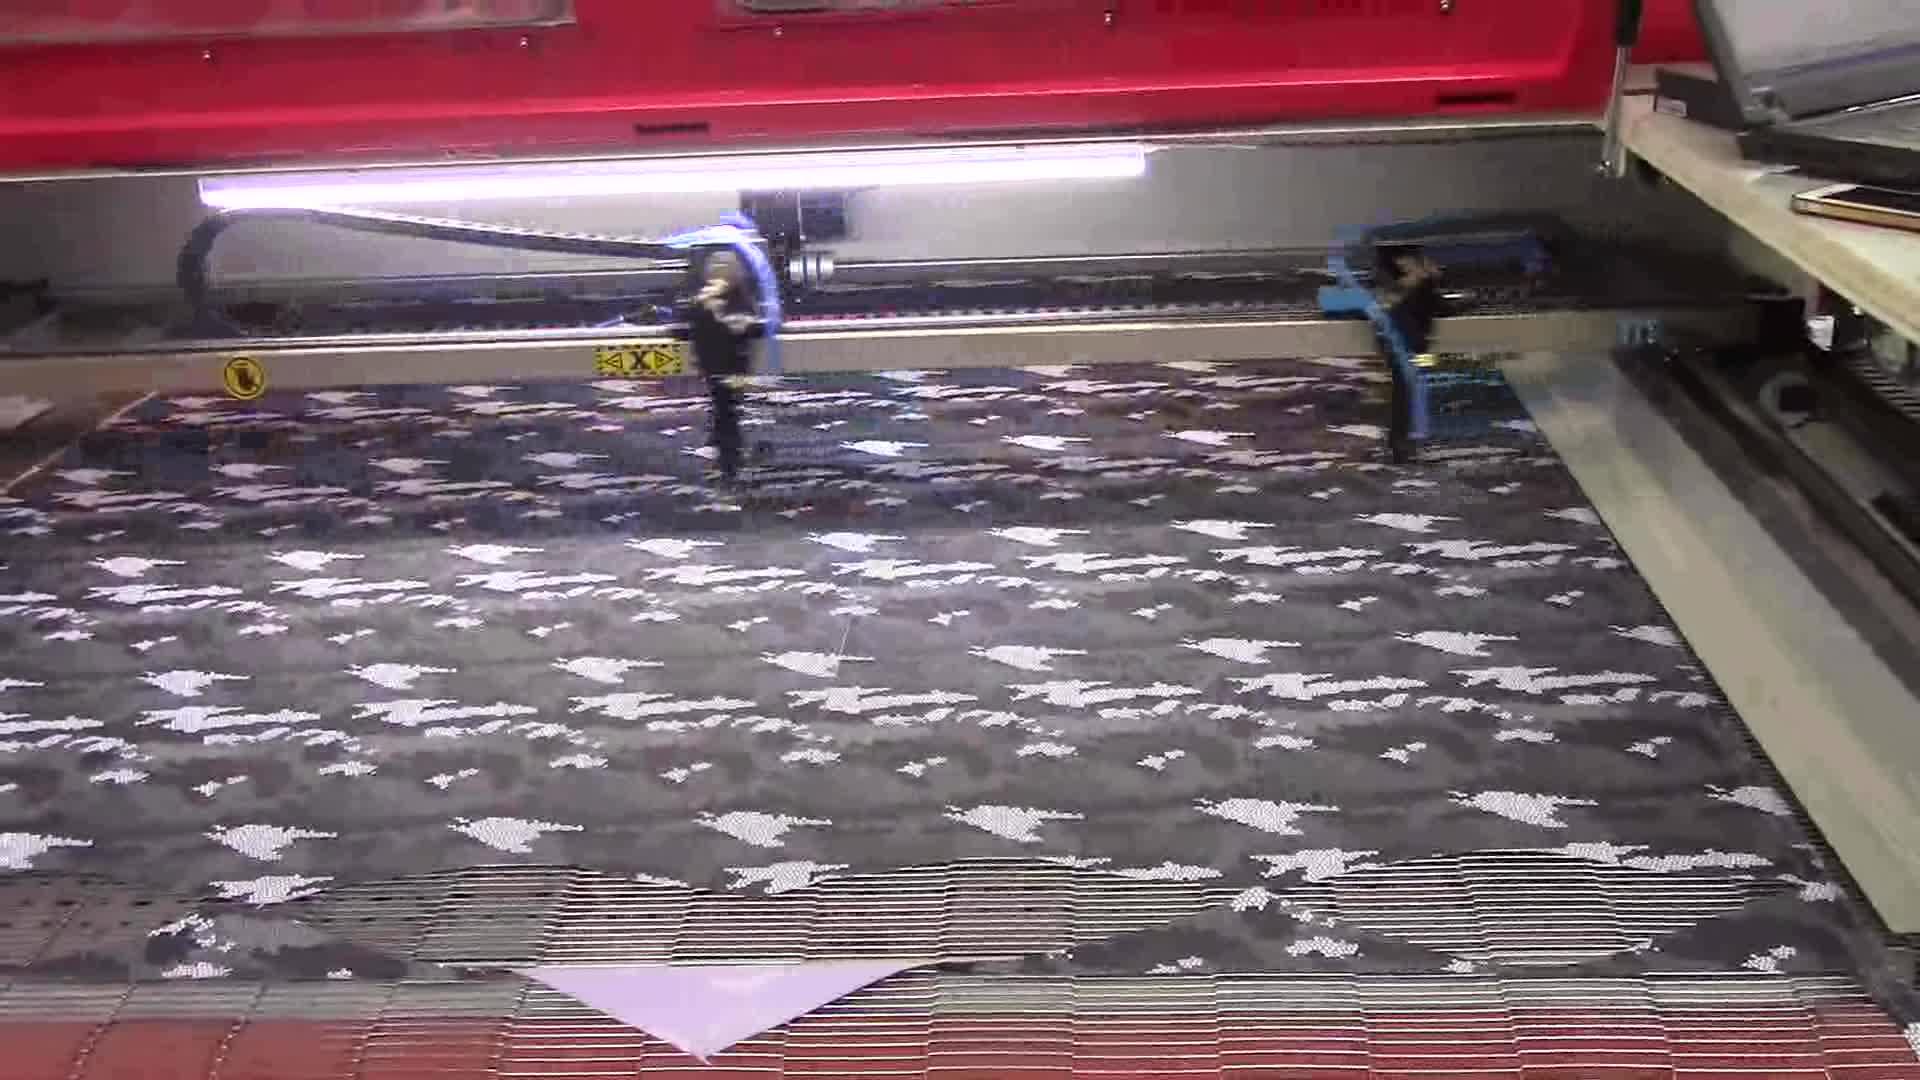 Yumuşak oyuncak yapma konfeksiyon oto besleme için lazer kesme makinesi 1610